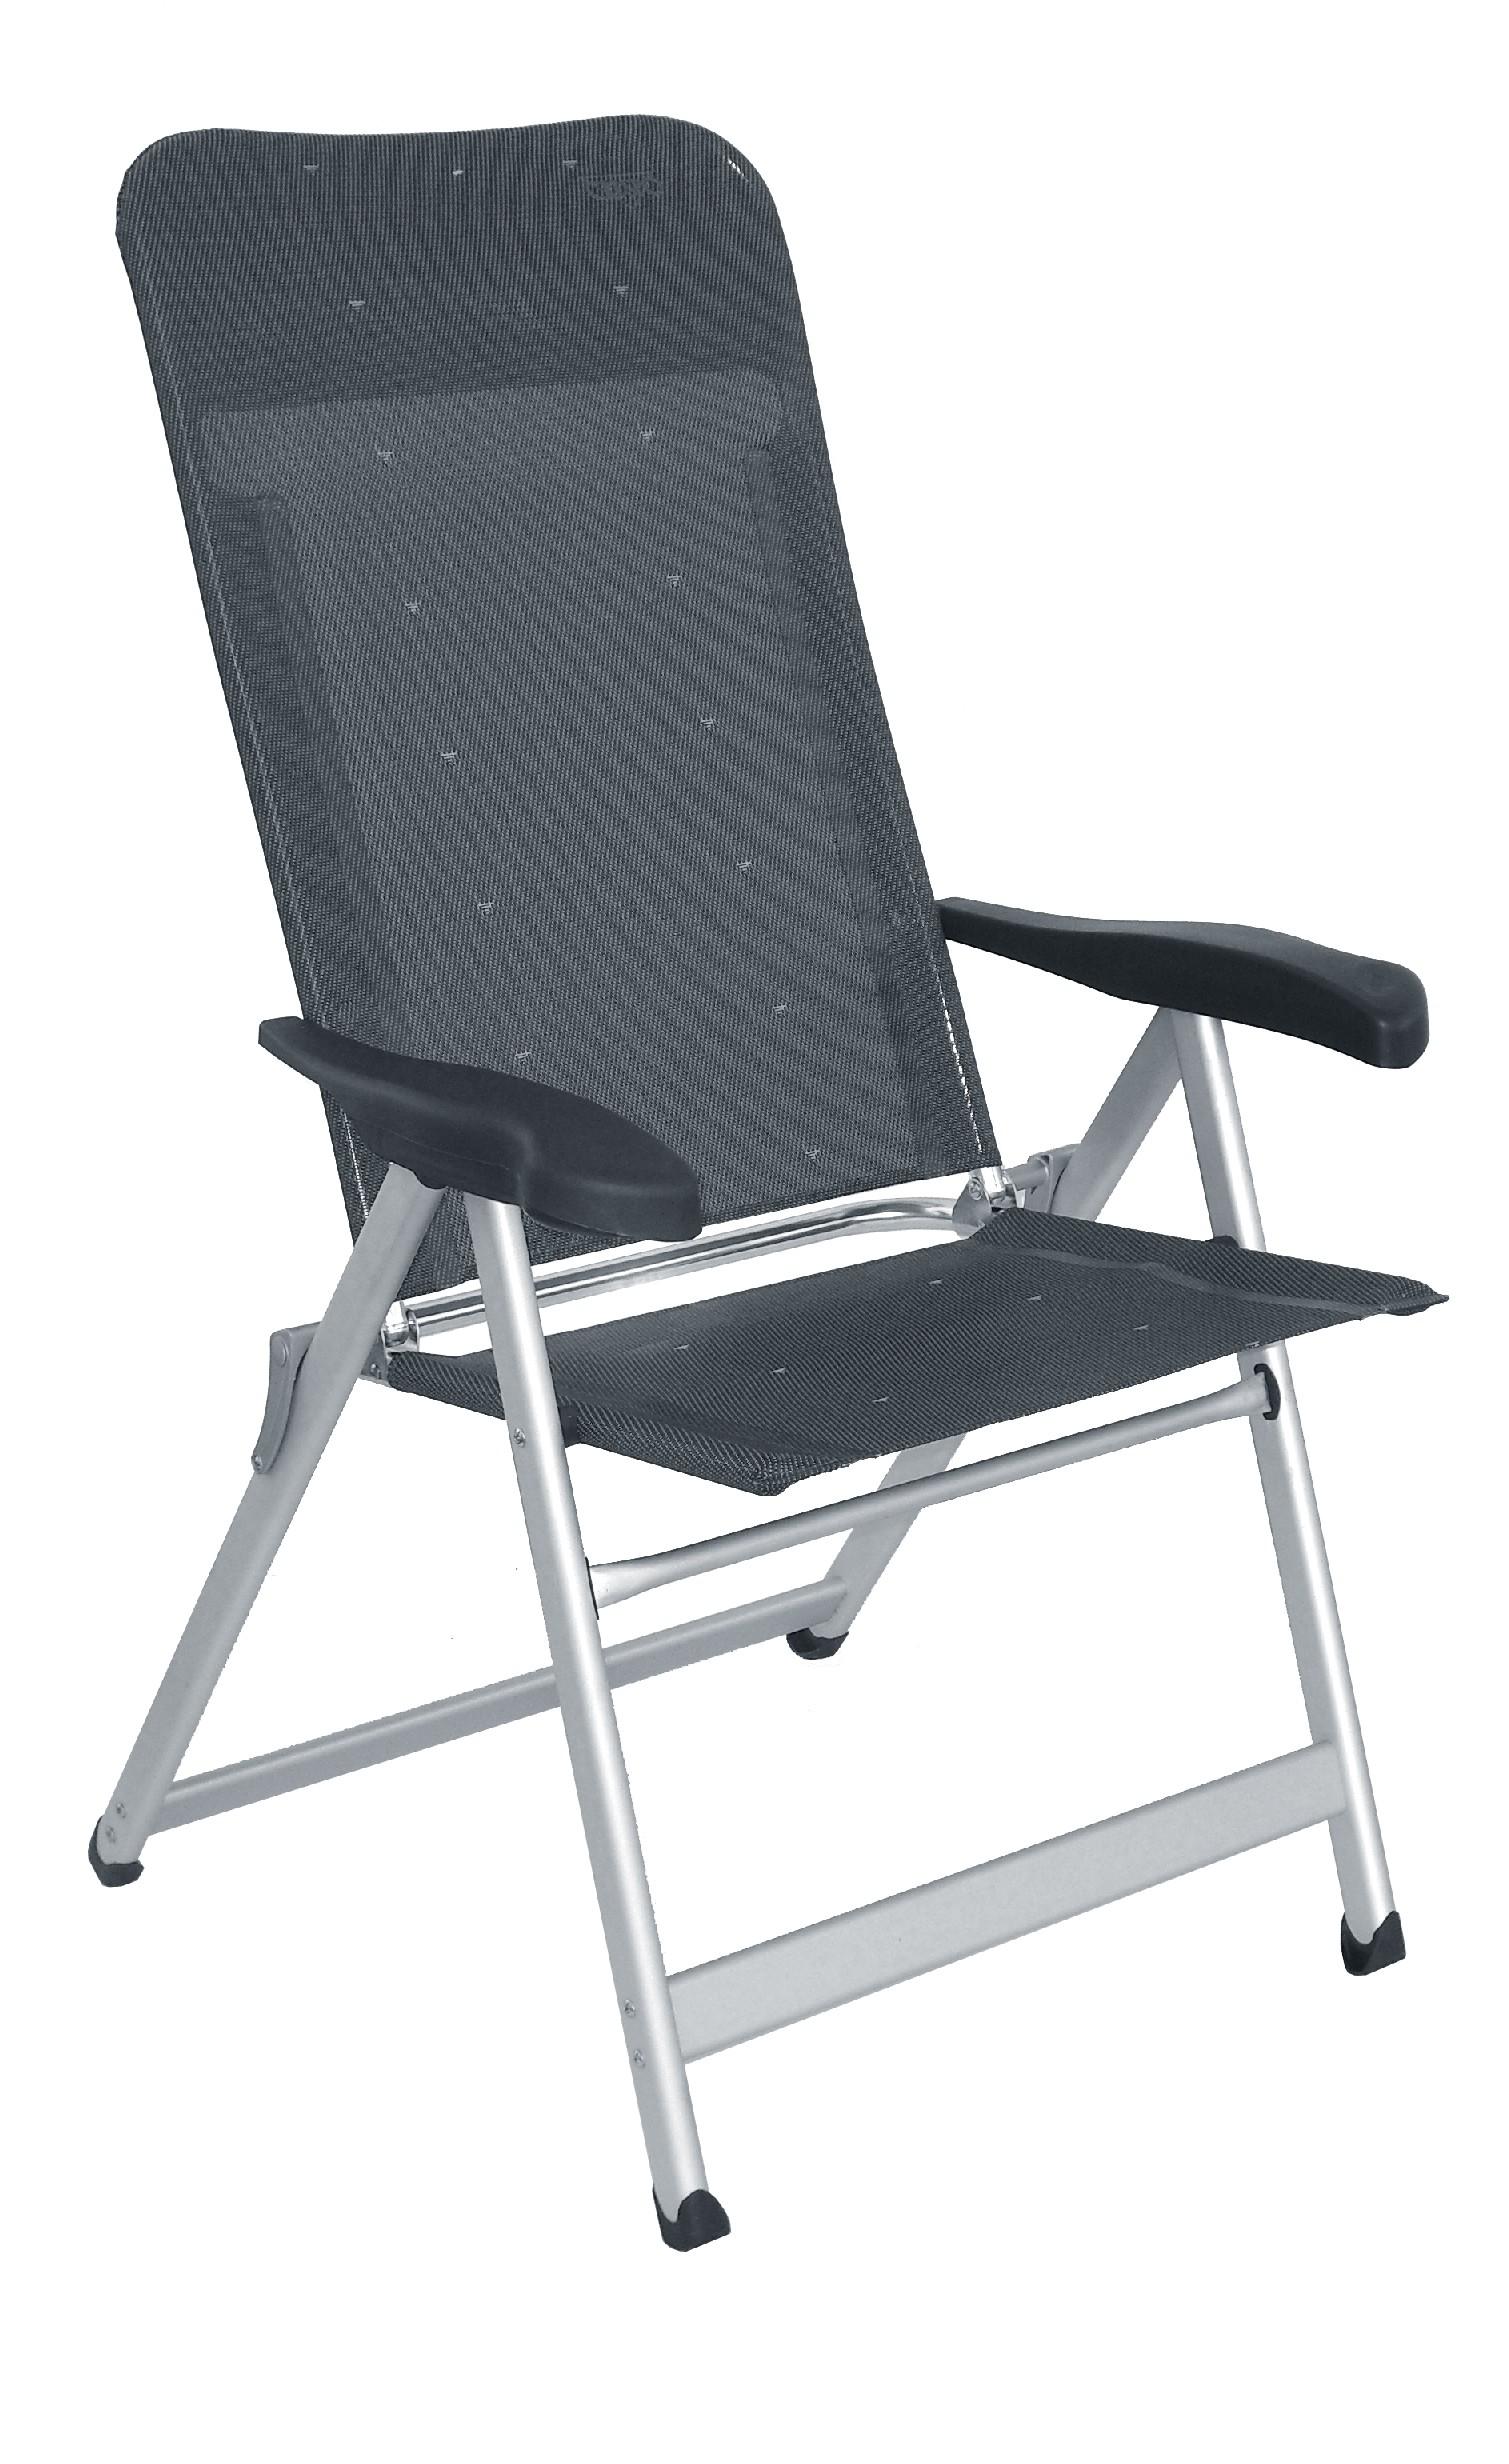 Spoga gafa 2012 el blog de crespo - Indual mobiliario ...